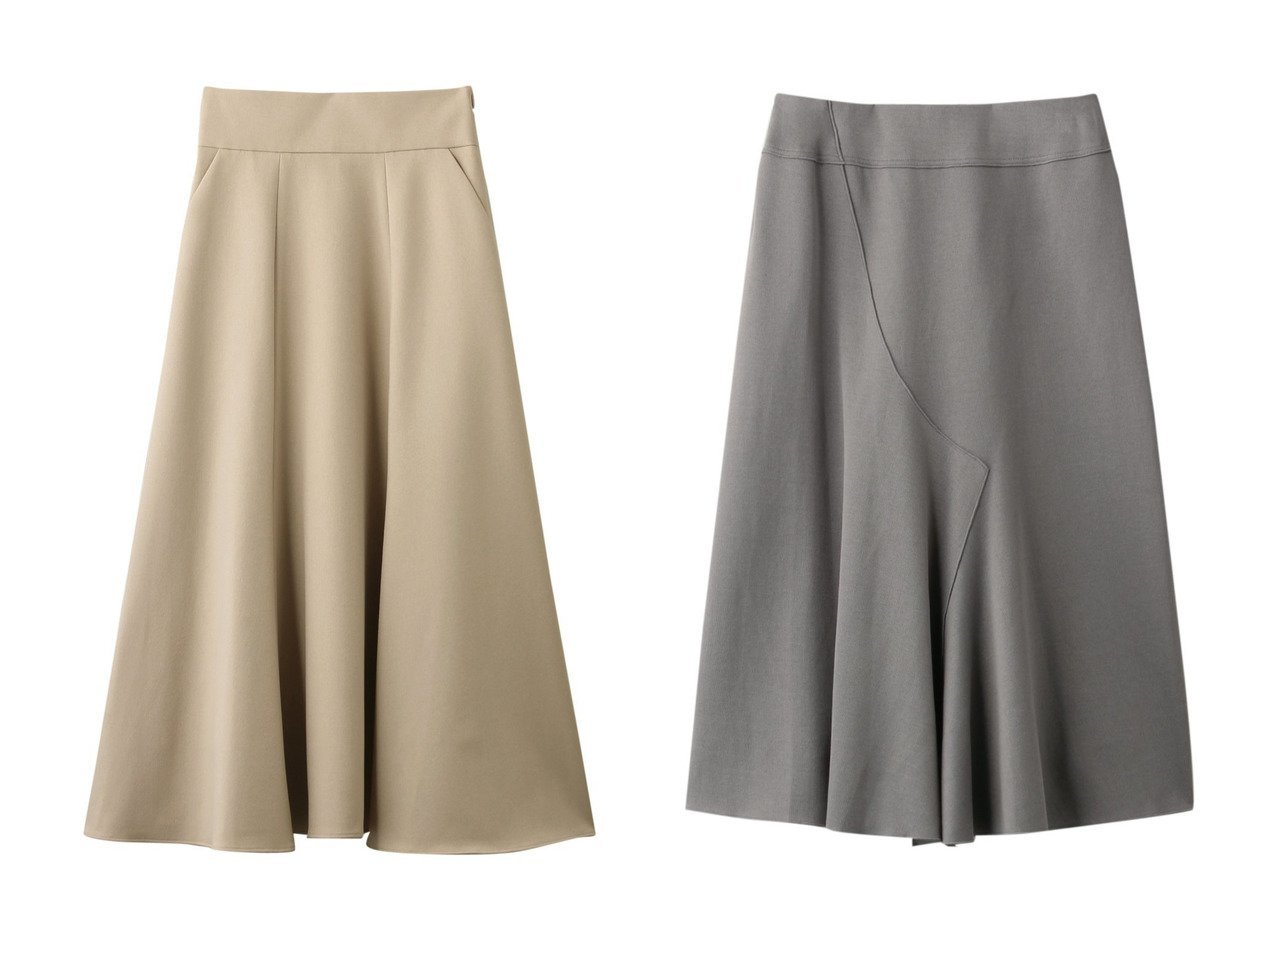 【allureville/アルアバイル】のフランネルマーメイドフレアスカート&【PLAIN PEOPLE/プレインピープル】のコットンプレミアムダブルフェイススカート スカートのおすすめ!人気、トレンド・レディースファッションの通販  おすすめで人気の流行・トレンド、ファッションの通販商品 メンズファッション・キッズファッション・インテリア・家具・レディースファッション・服の通販 founy(ファニー) https://founy.com/ ファッション Fashion レディースファッション WOMEN スカート Skirt Aライン/フレアスカート Flared A-Line Skirts ロングスカート Long Skirt シンプル パーティ フレア ロング ショート 羽織 |ID:crp329100000009769